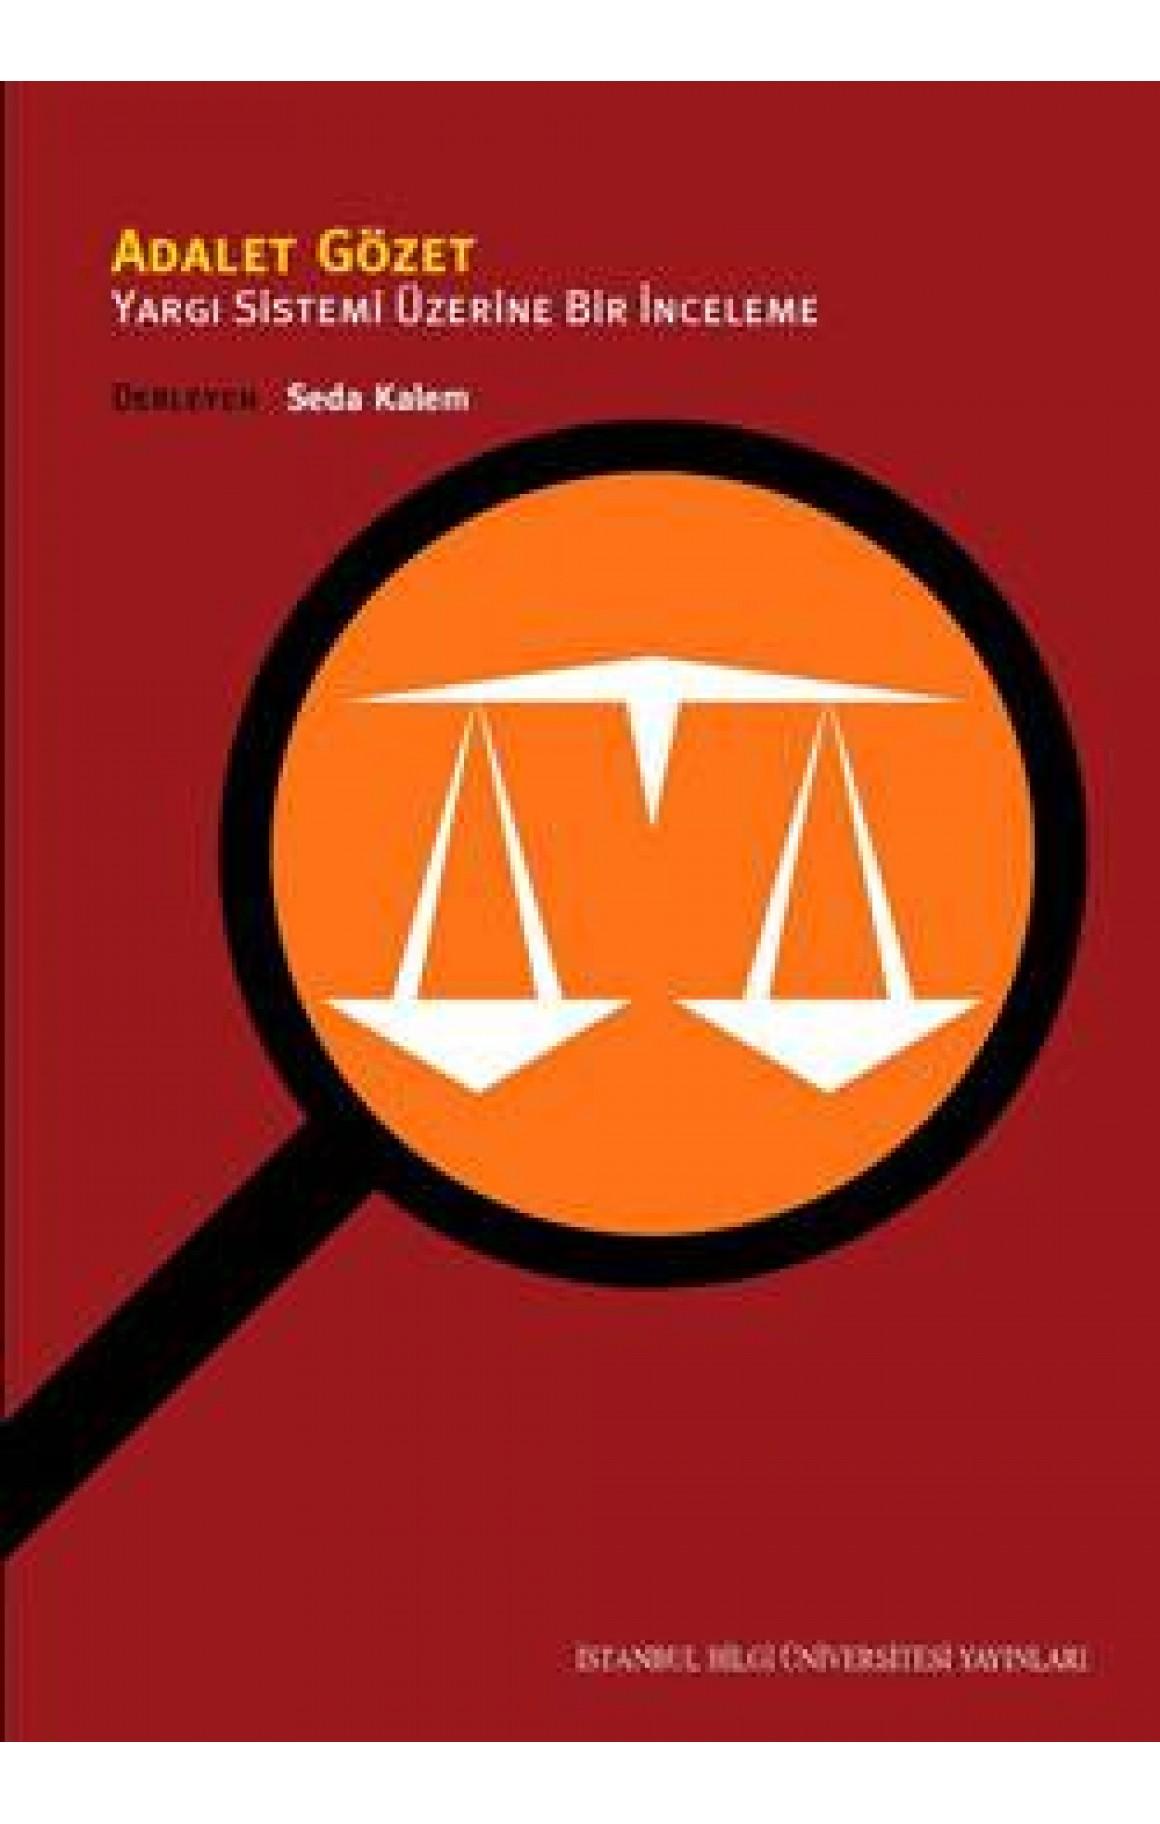 Adalet Gözet - Yargı Sistemi Üzerine Bir İnceleme